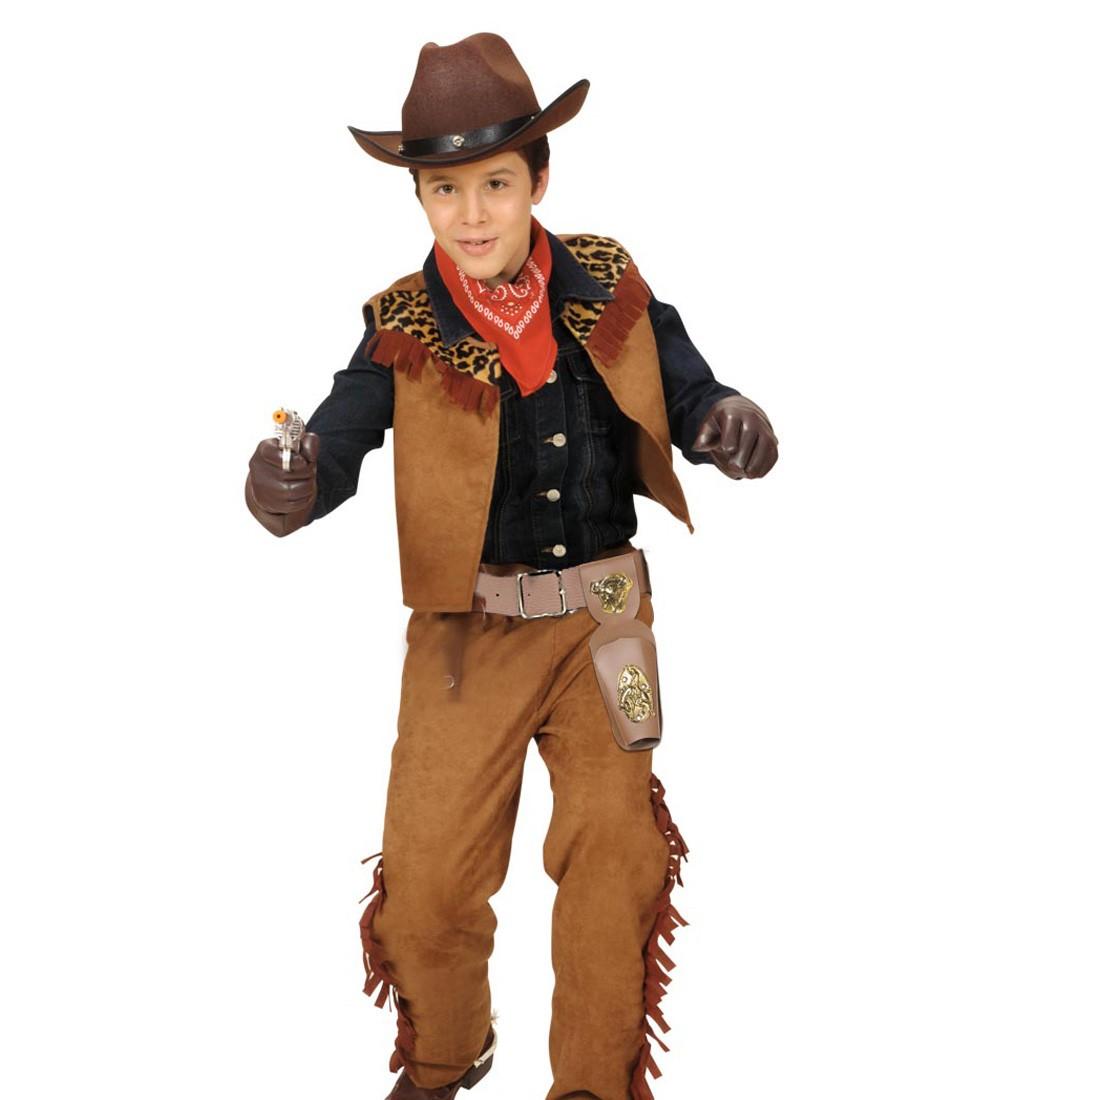 Cowboy Pistolen Halter Pistolenhalfter Holster 6 39